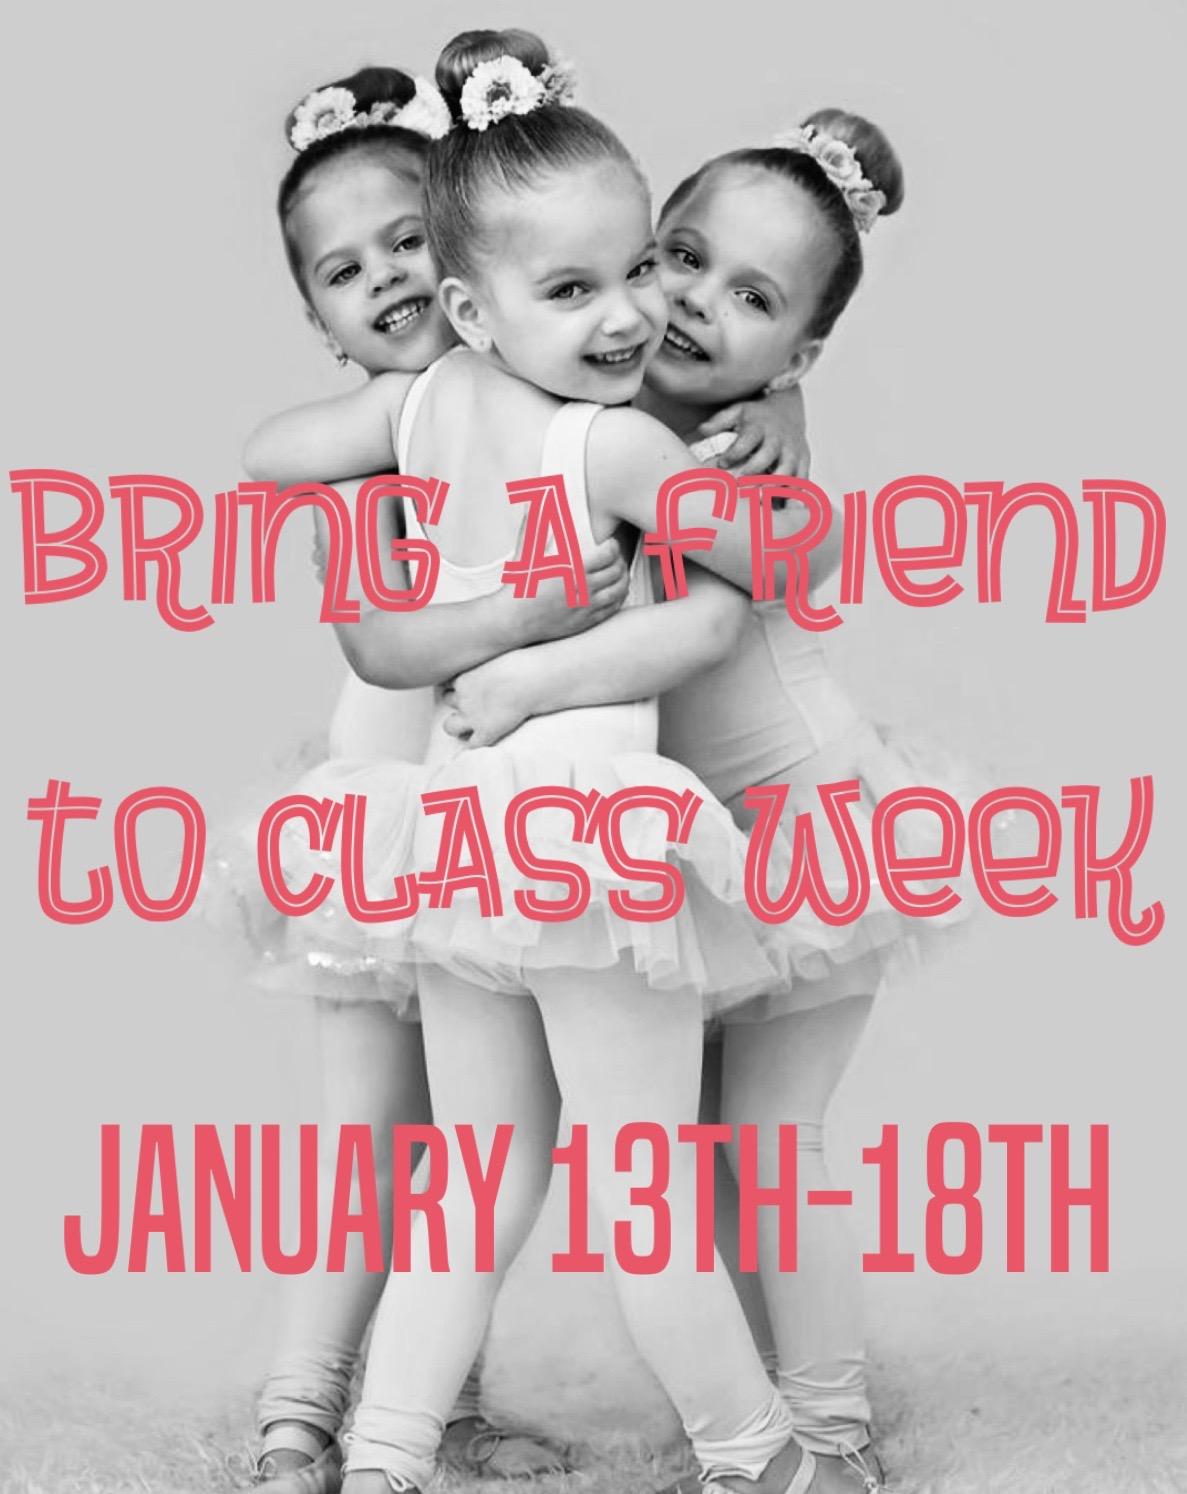 Bring a friend to class week! Jan 13th-18th